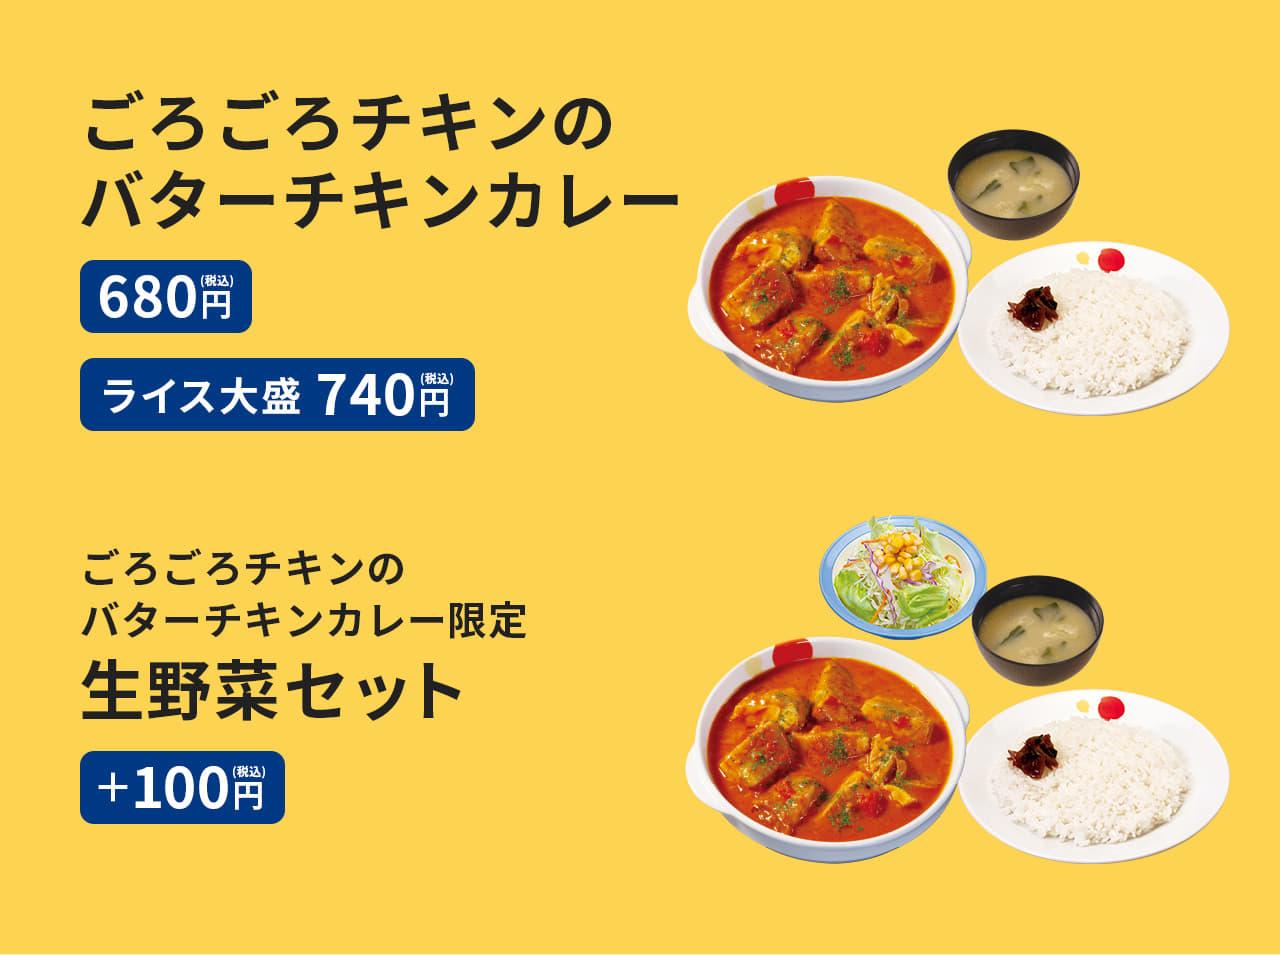 ごろごろチキンのバターチキンカレー(みそ汁付き)680円。ライス大盛740円。生野菜(ごろごろチキンのバターチキンカレーをご注文のお客様限定) プラス100円。